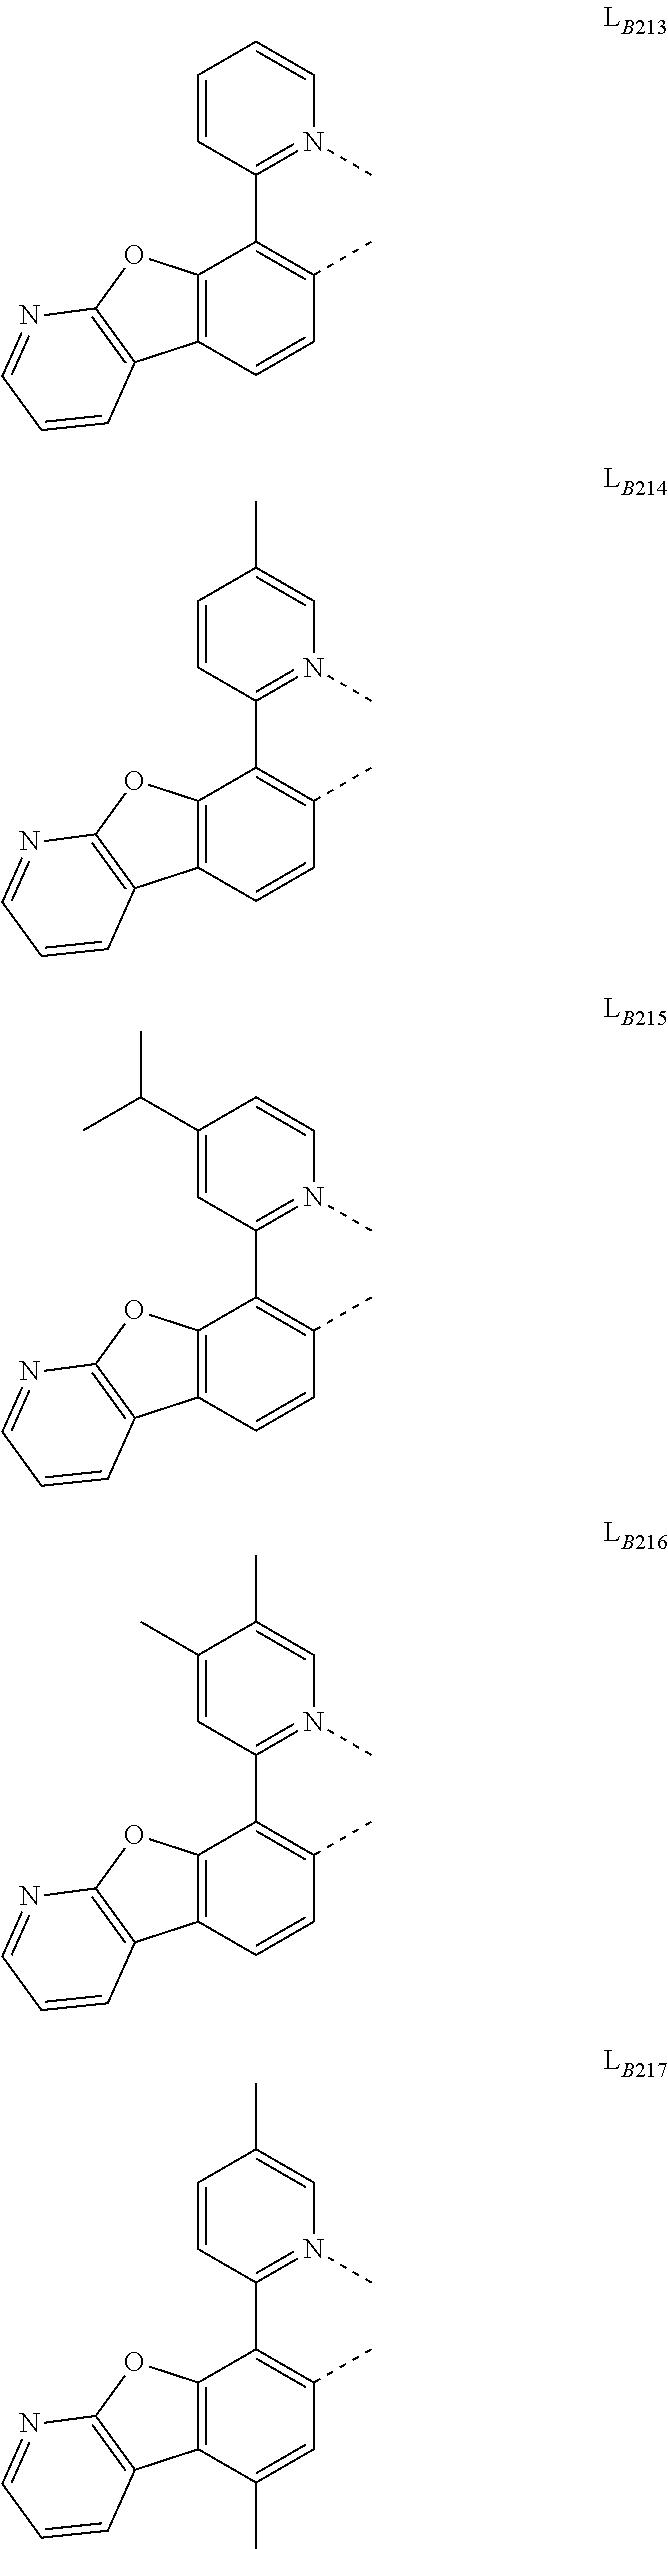 Figure US20180130962A1-20180510-C00303